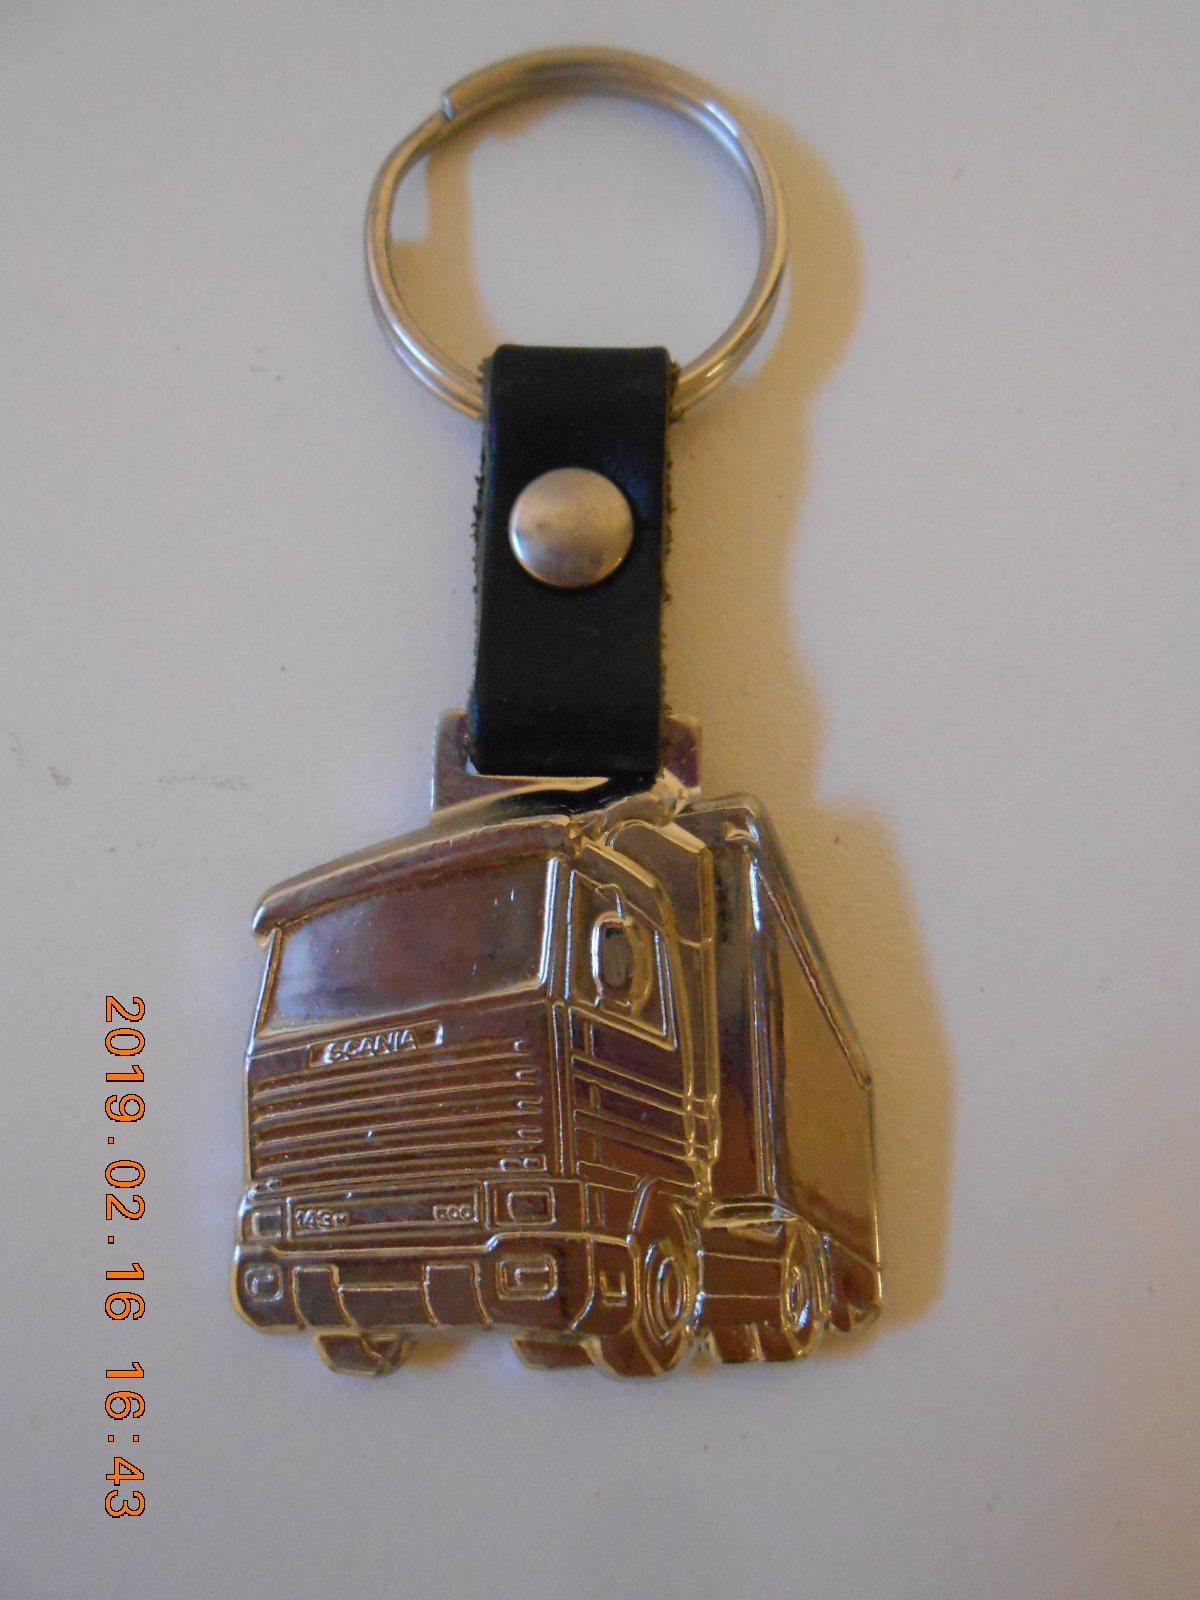 1 ST FIN NYCKELRING SCANIA (340124260) ᐈ Köp på Tradera b37f821cb76ad